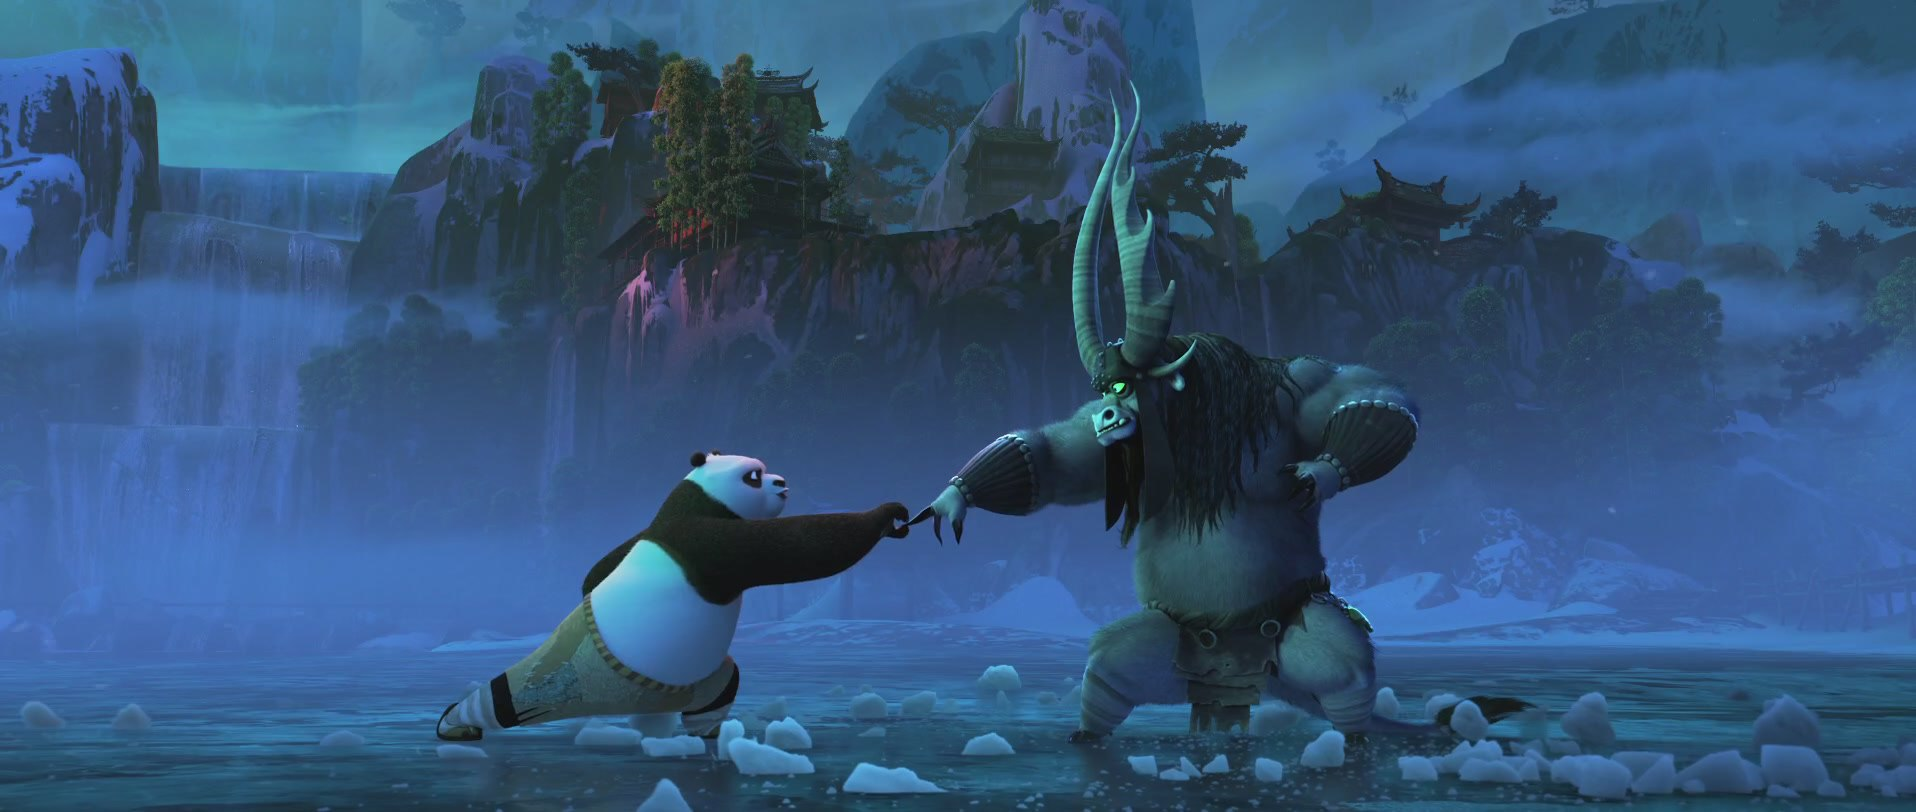 лучший кадр с мультфильма кунг-фу панда 3